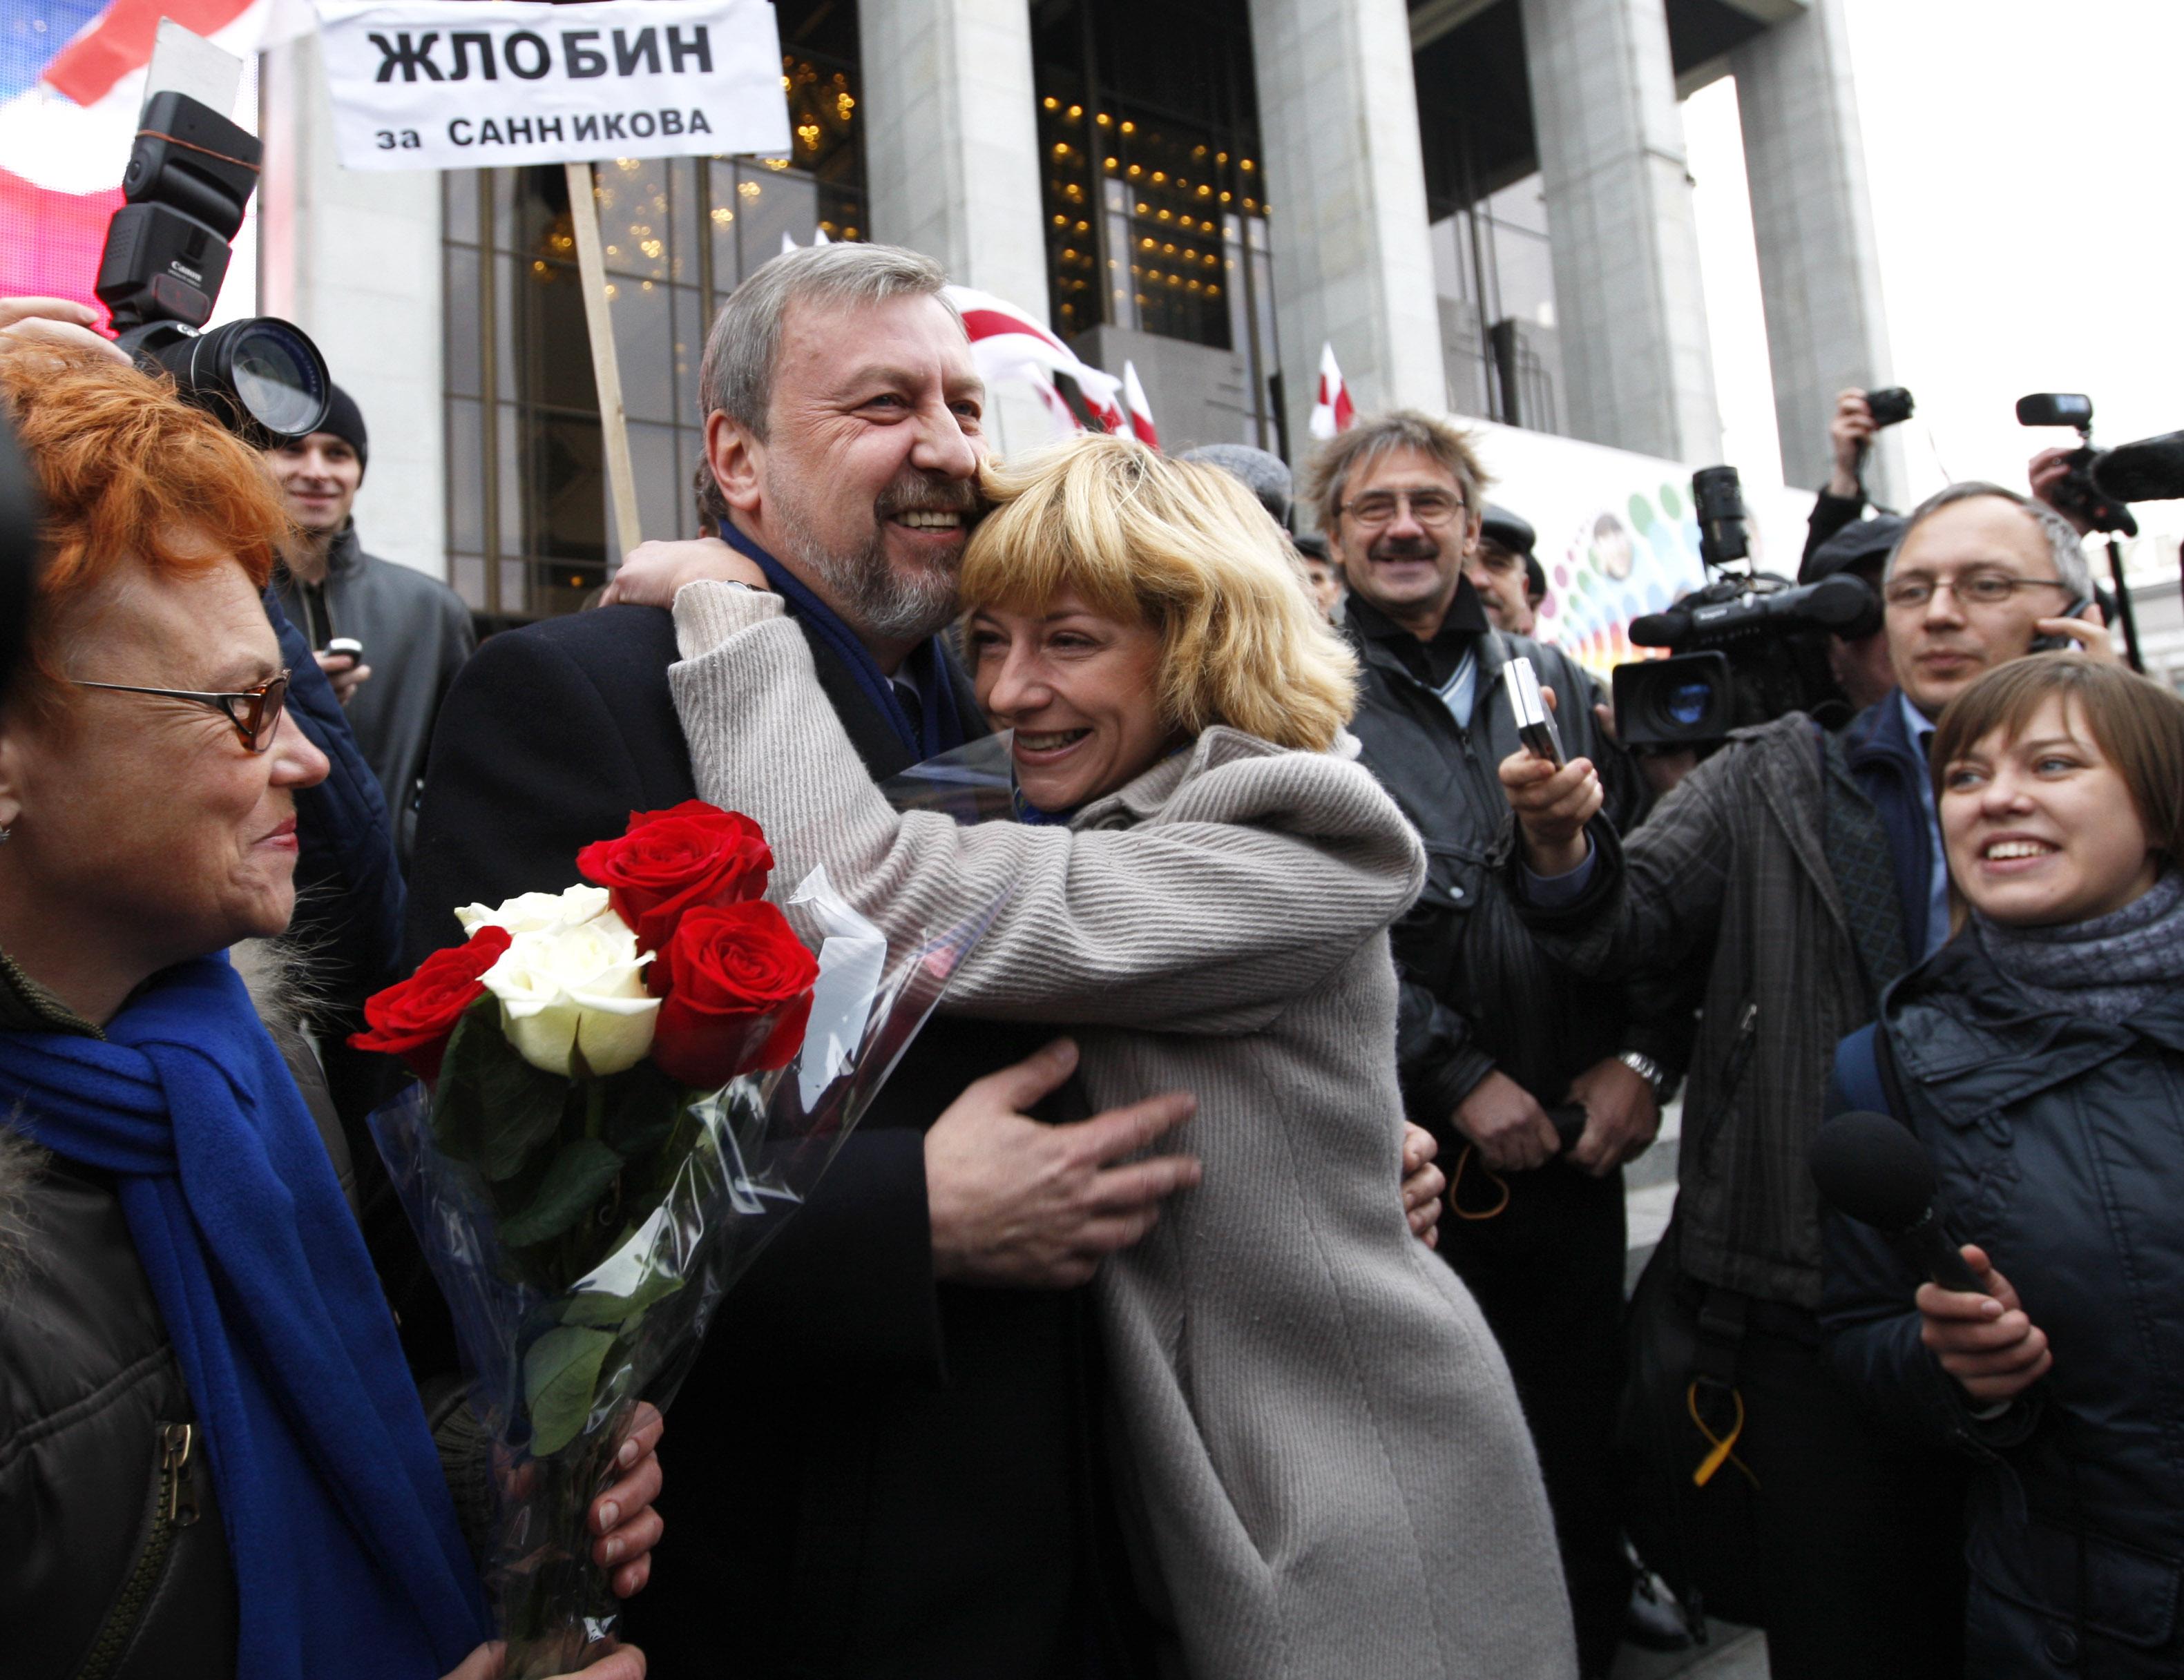 Андрэй Саннікаў і Ірына Халіп сустрэліся на ВВС